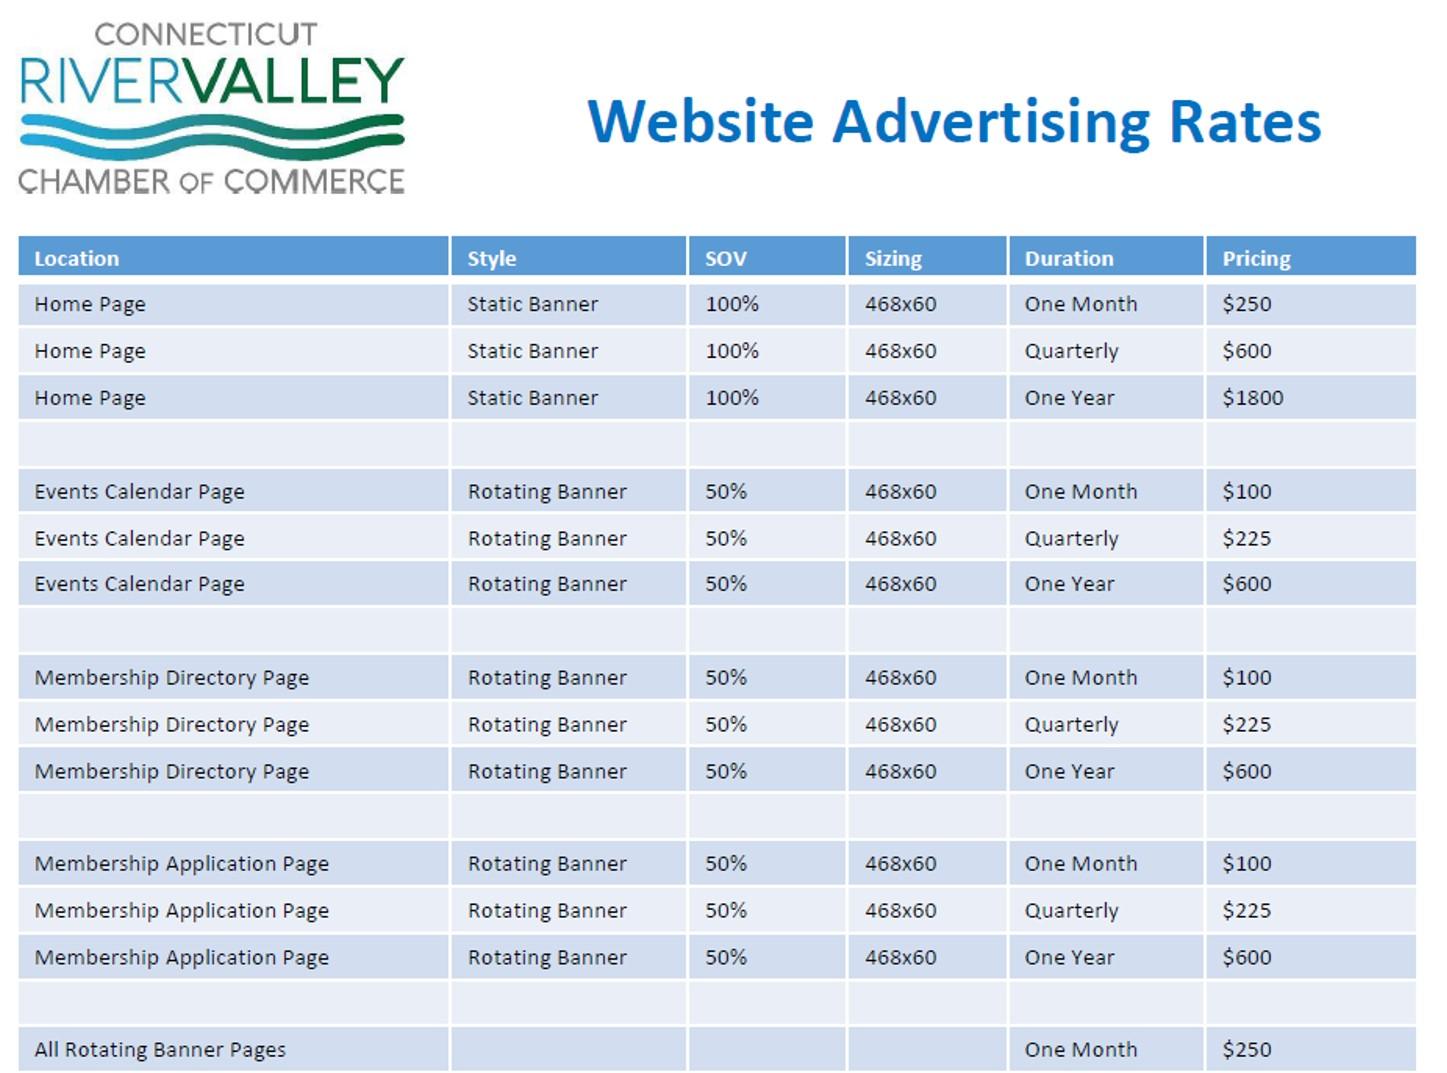 Website-Advertising-Rates.jpg